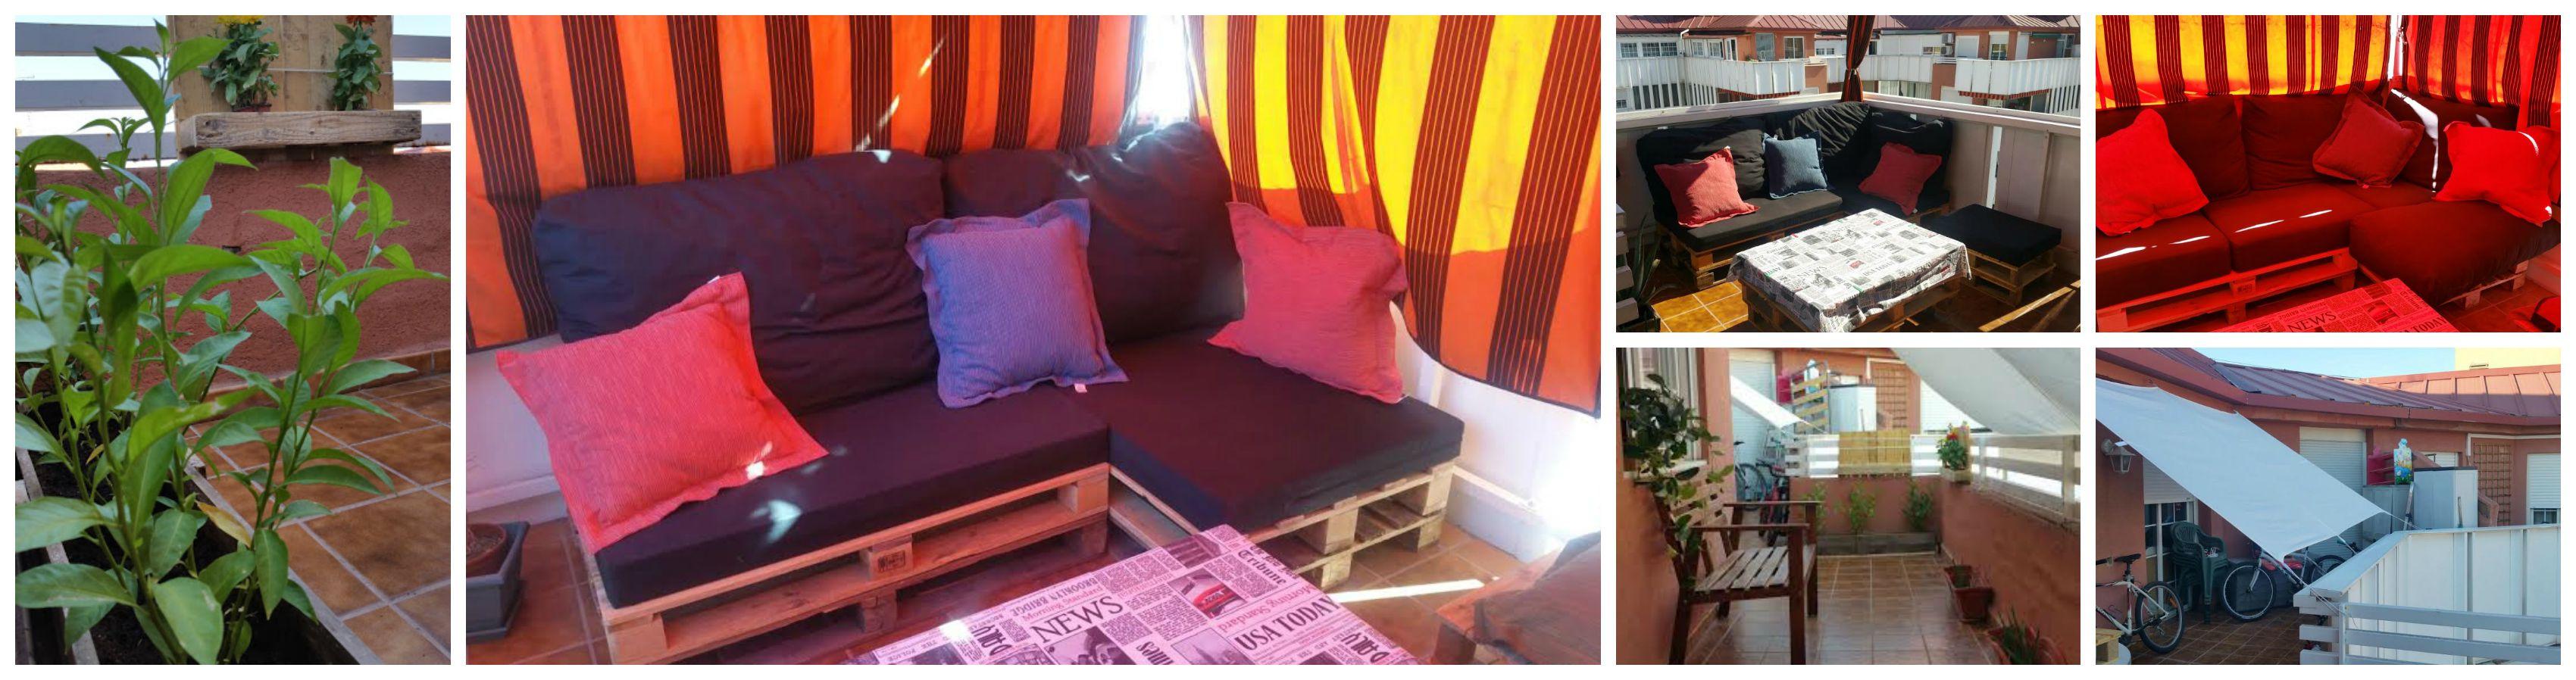 mesa y sofas de palet